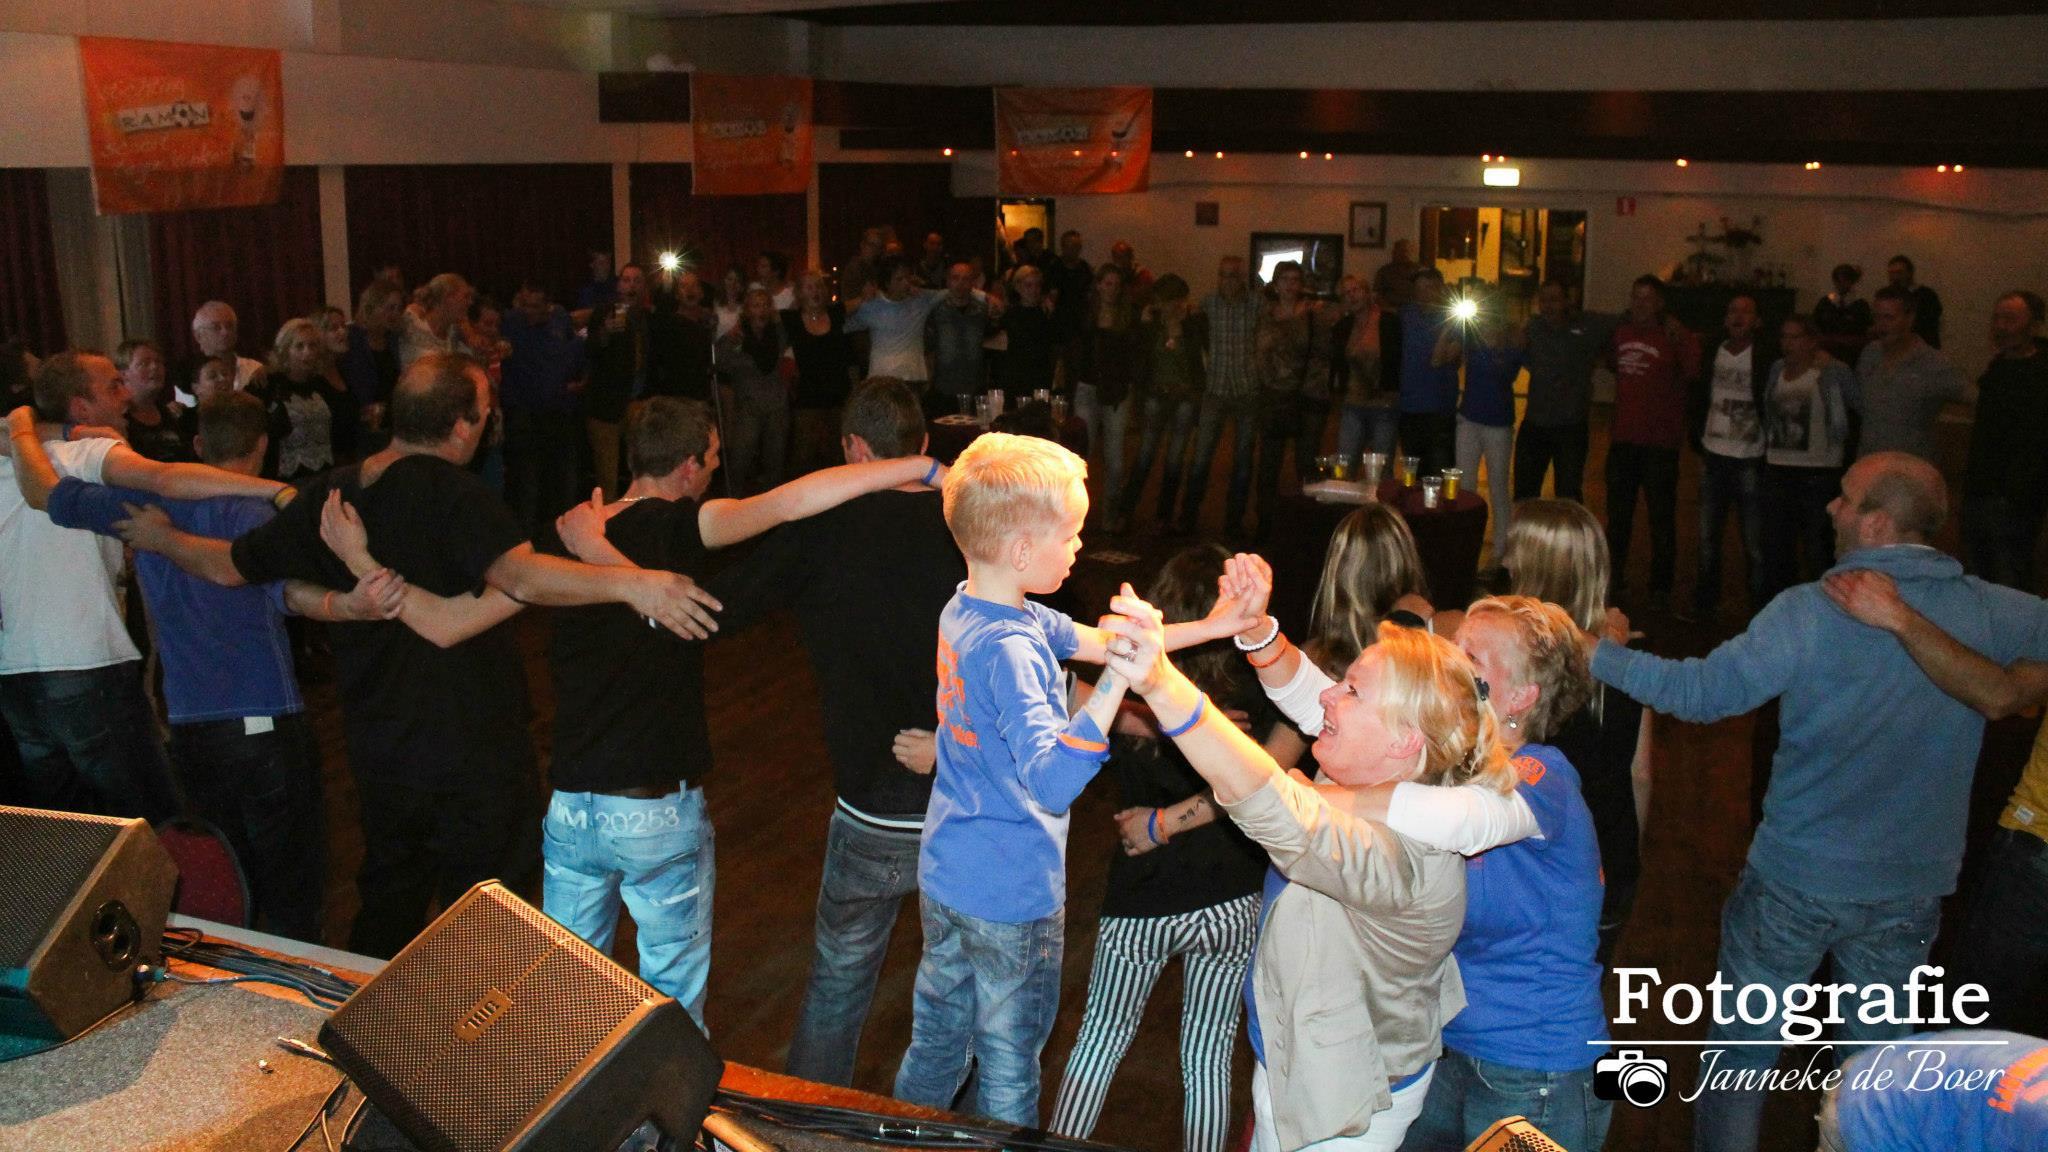 Stichting Ramon scoort tegen kanker foto 10  Benefietconcert 6 oktober.jpg020.jp